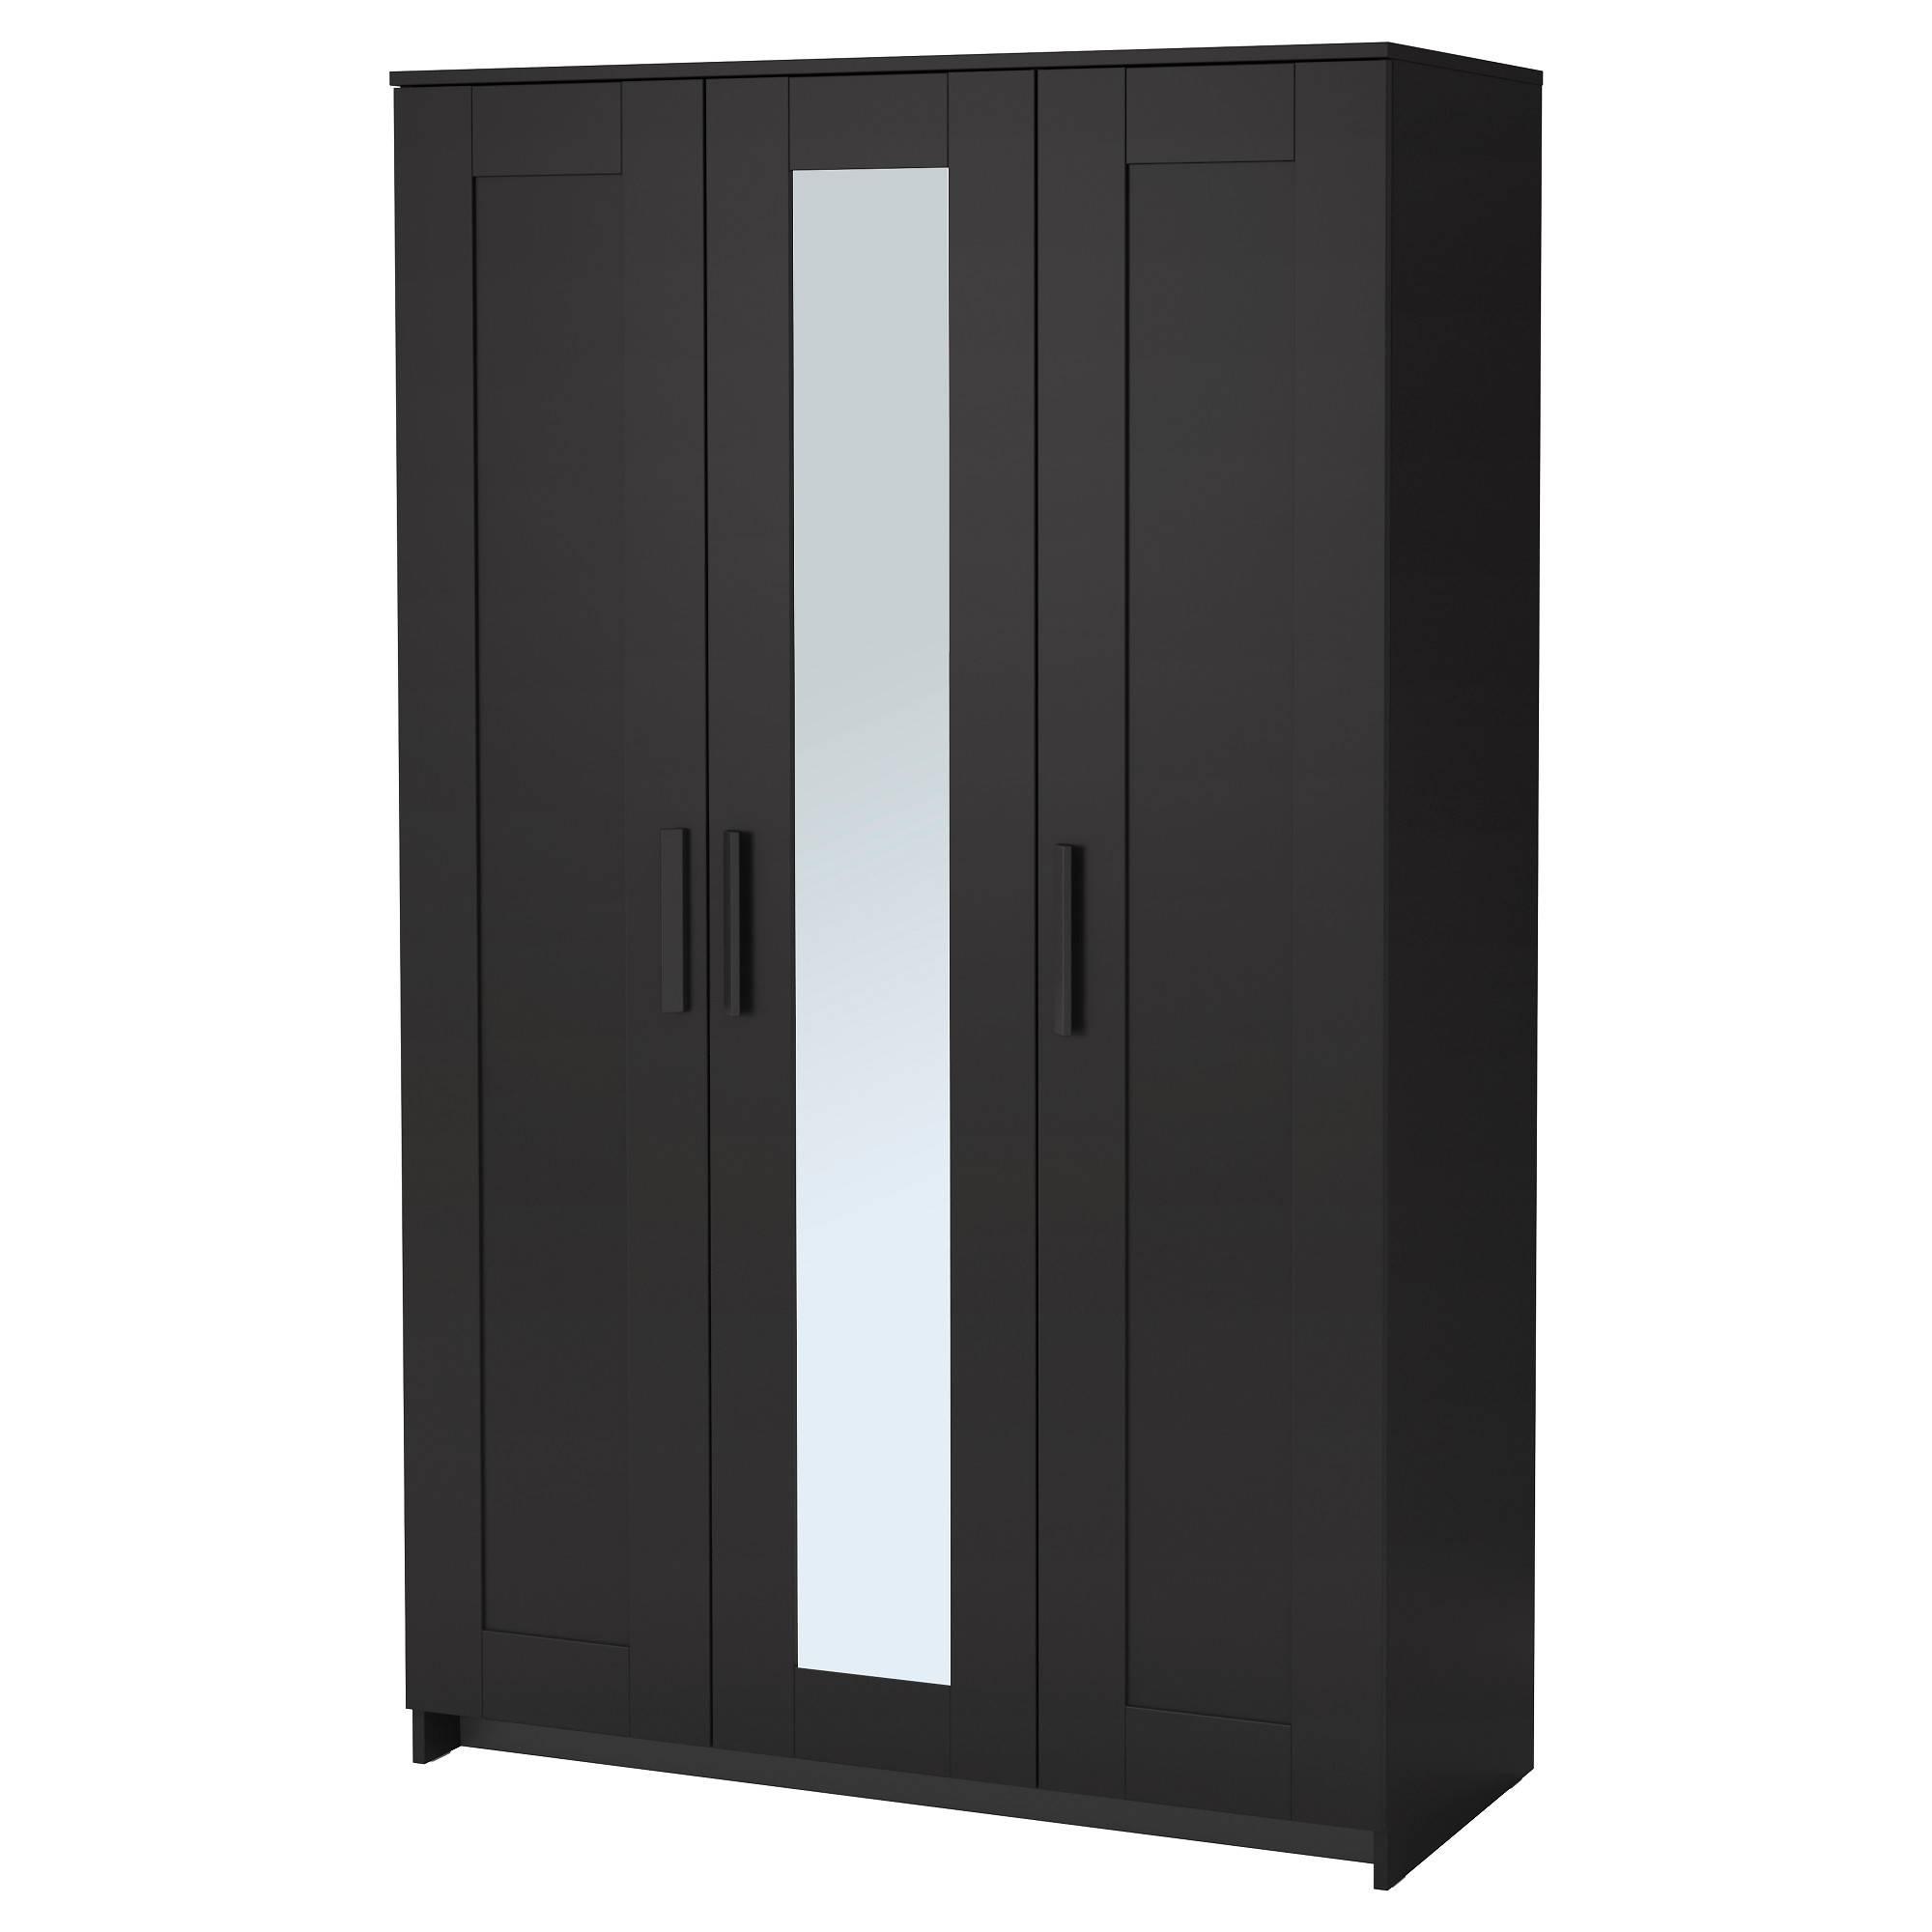 Brimnes Wardrobe With 3 Doors - White - Ikea with regard to 3 Door Wardrobes (Image 6 of 15)